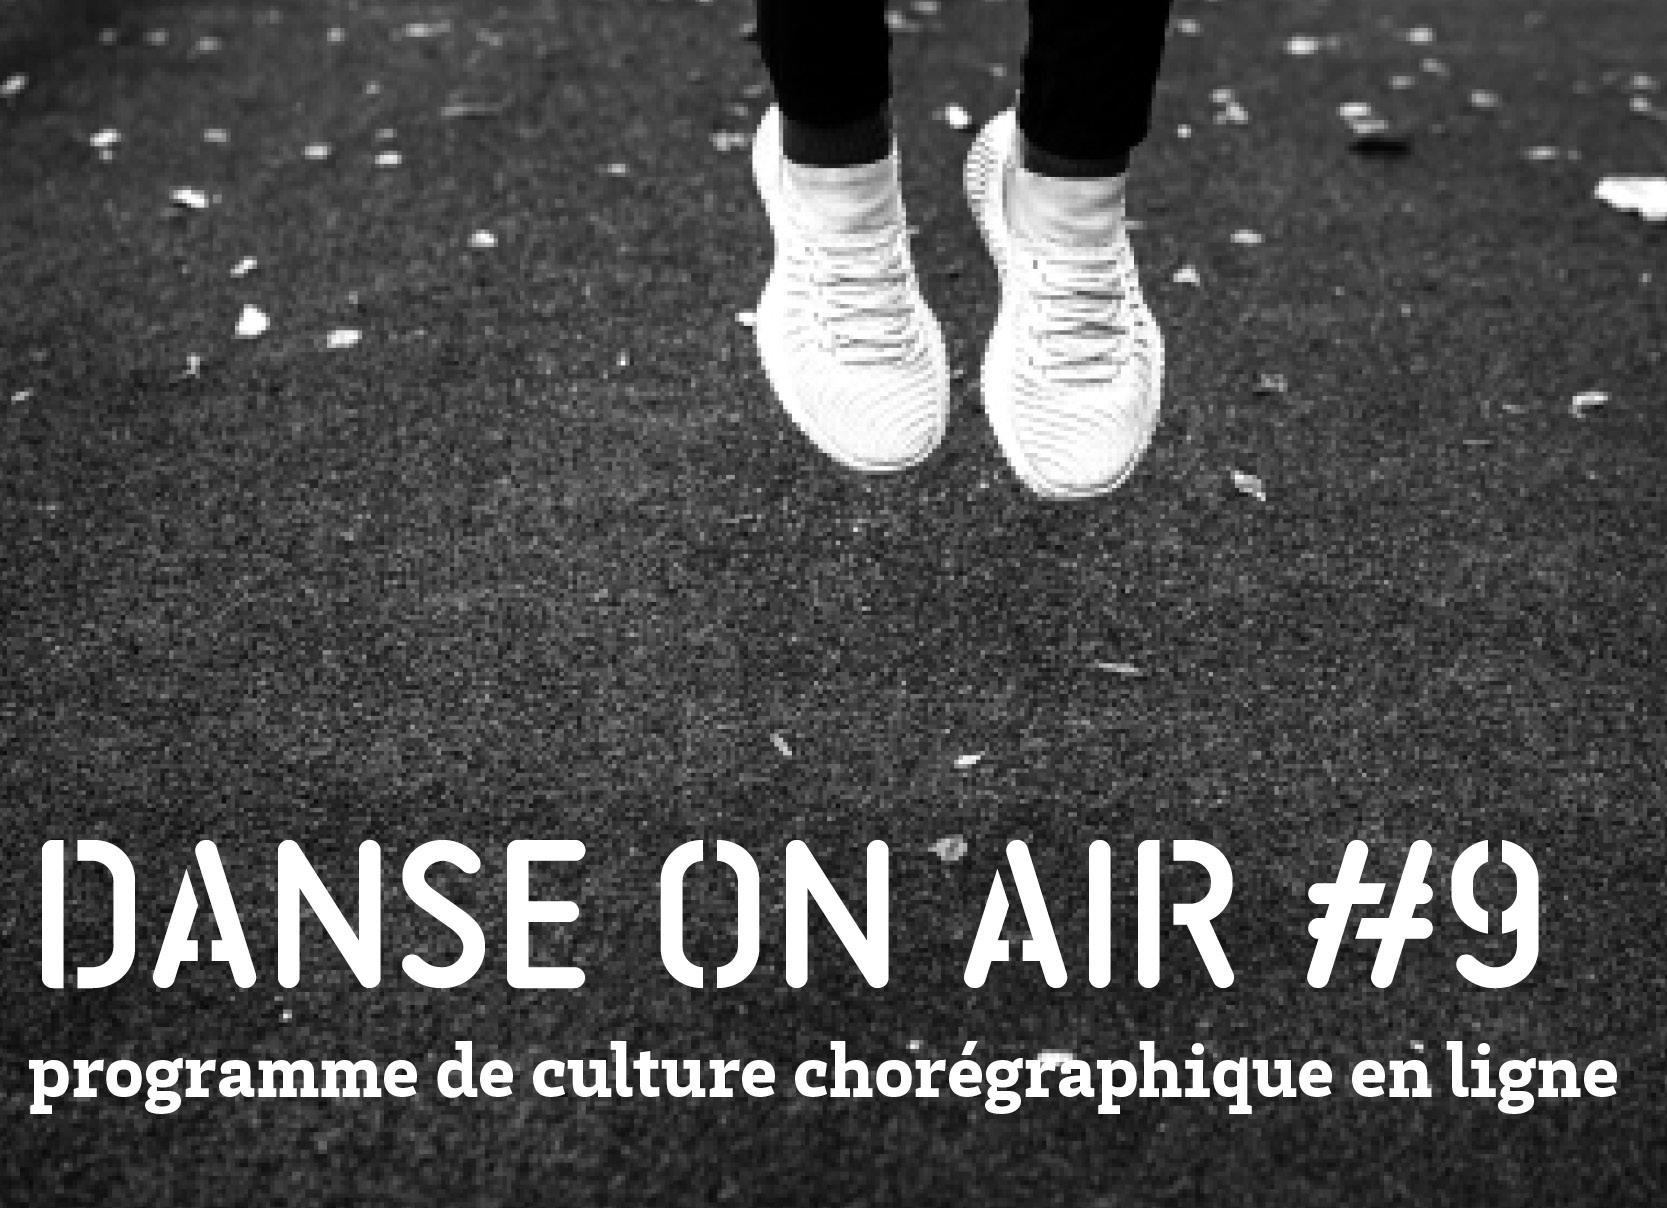 Danse on air #9